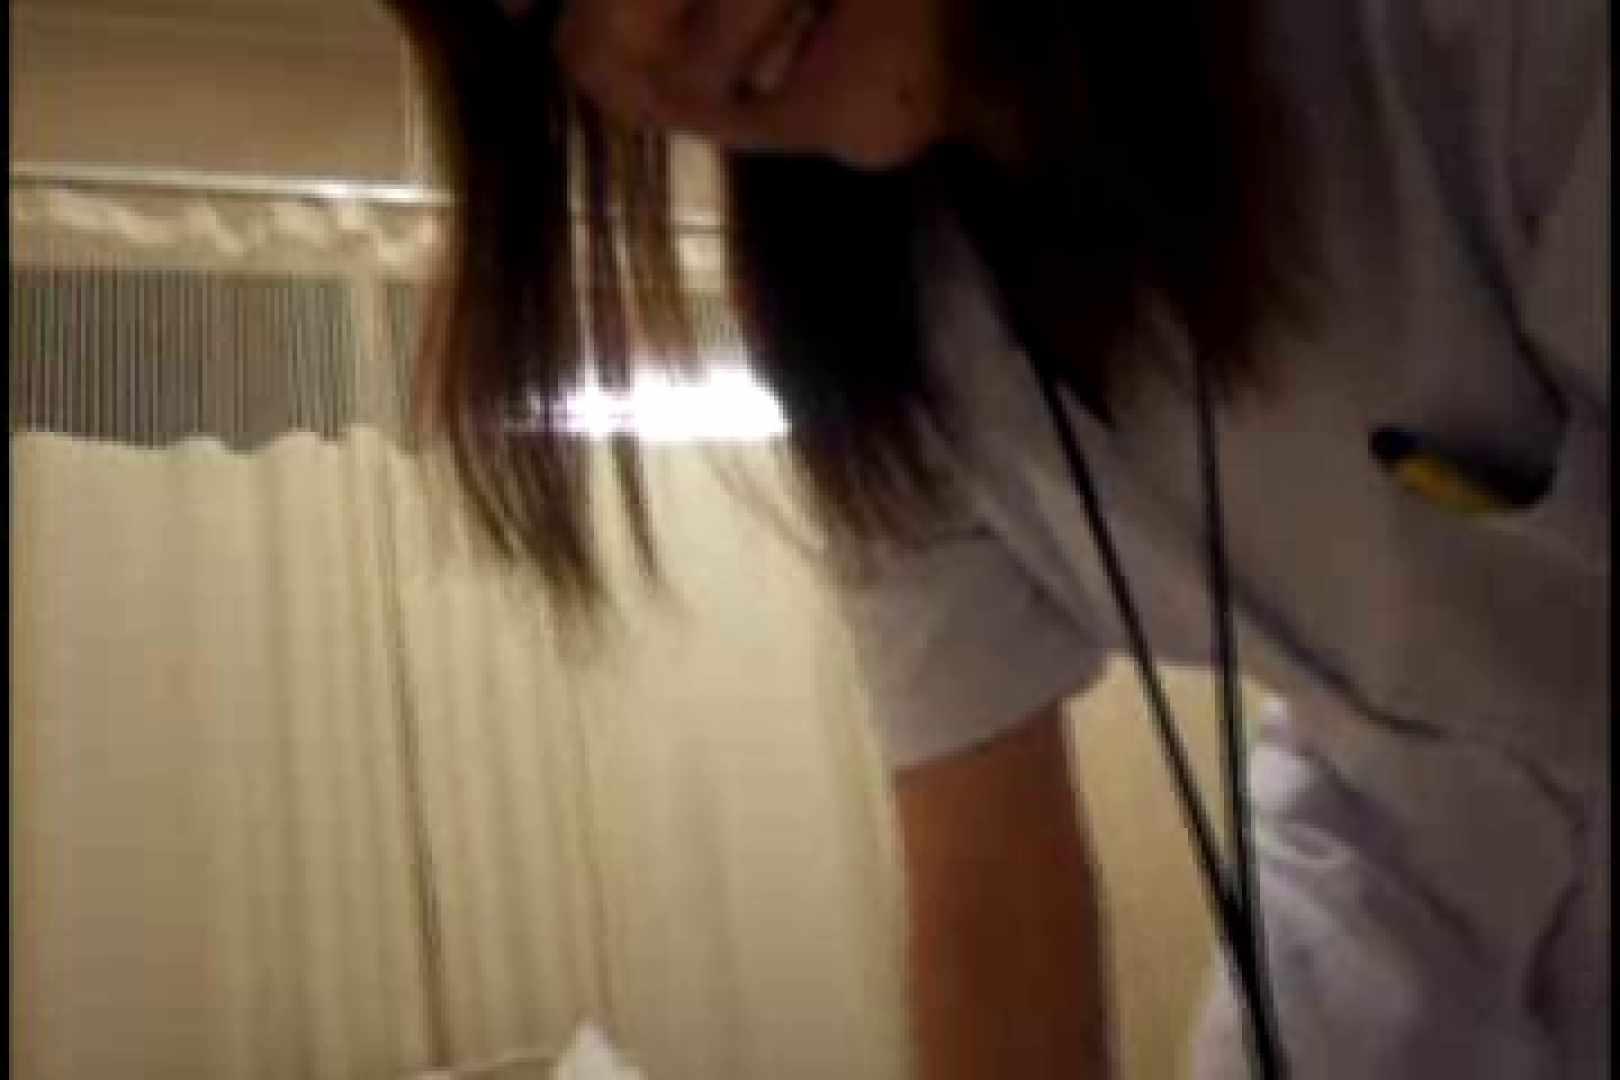 ヤリマンと呼ばれた看護士さんvol1 シックスナイン  98pic 53